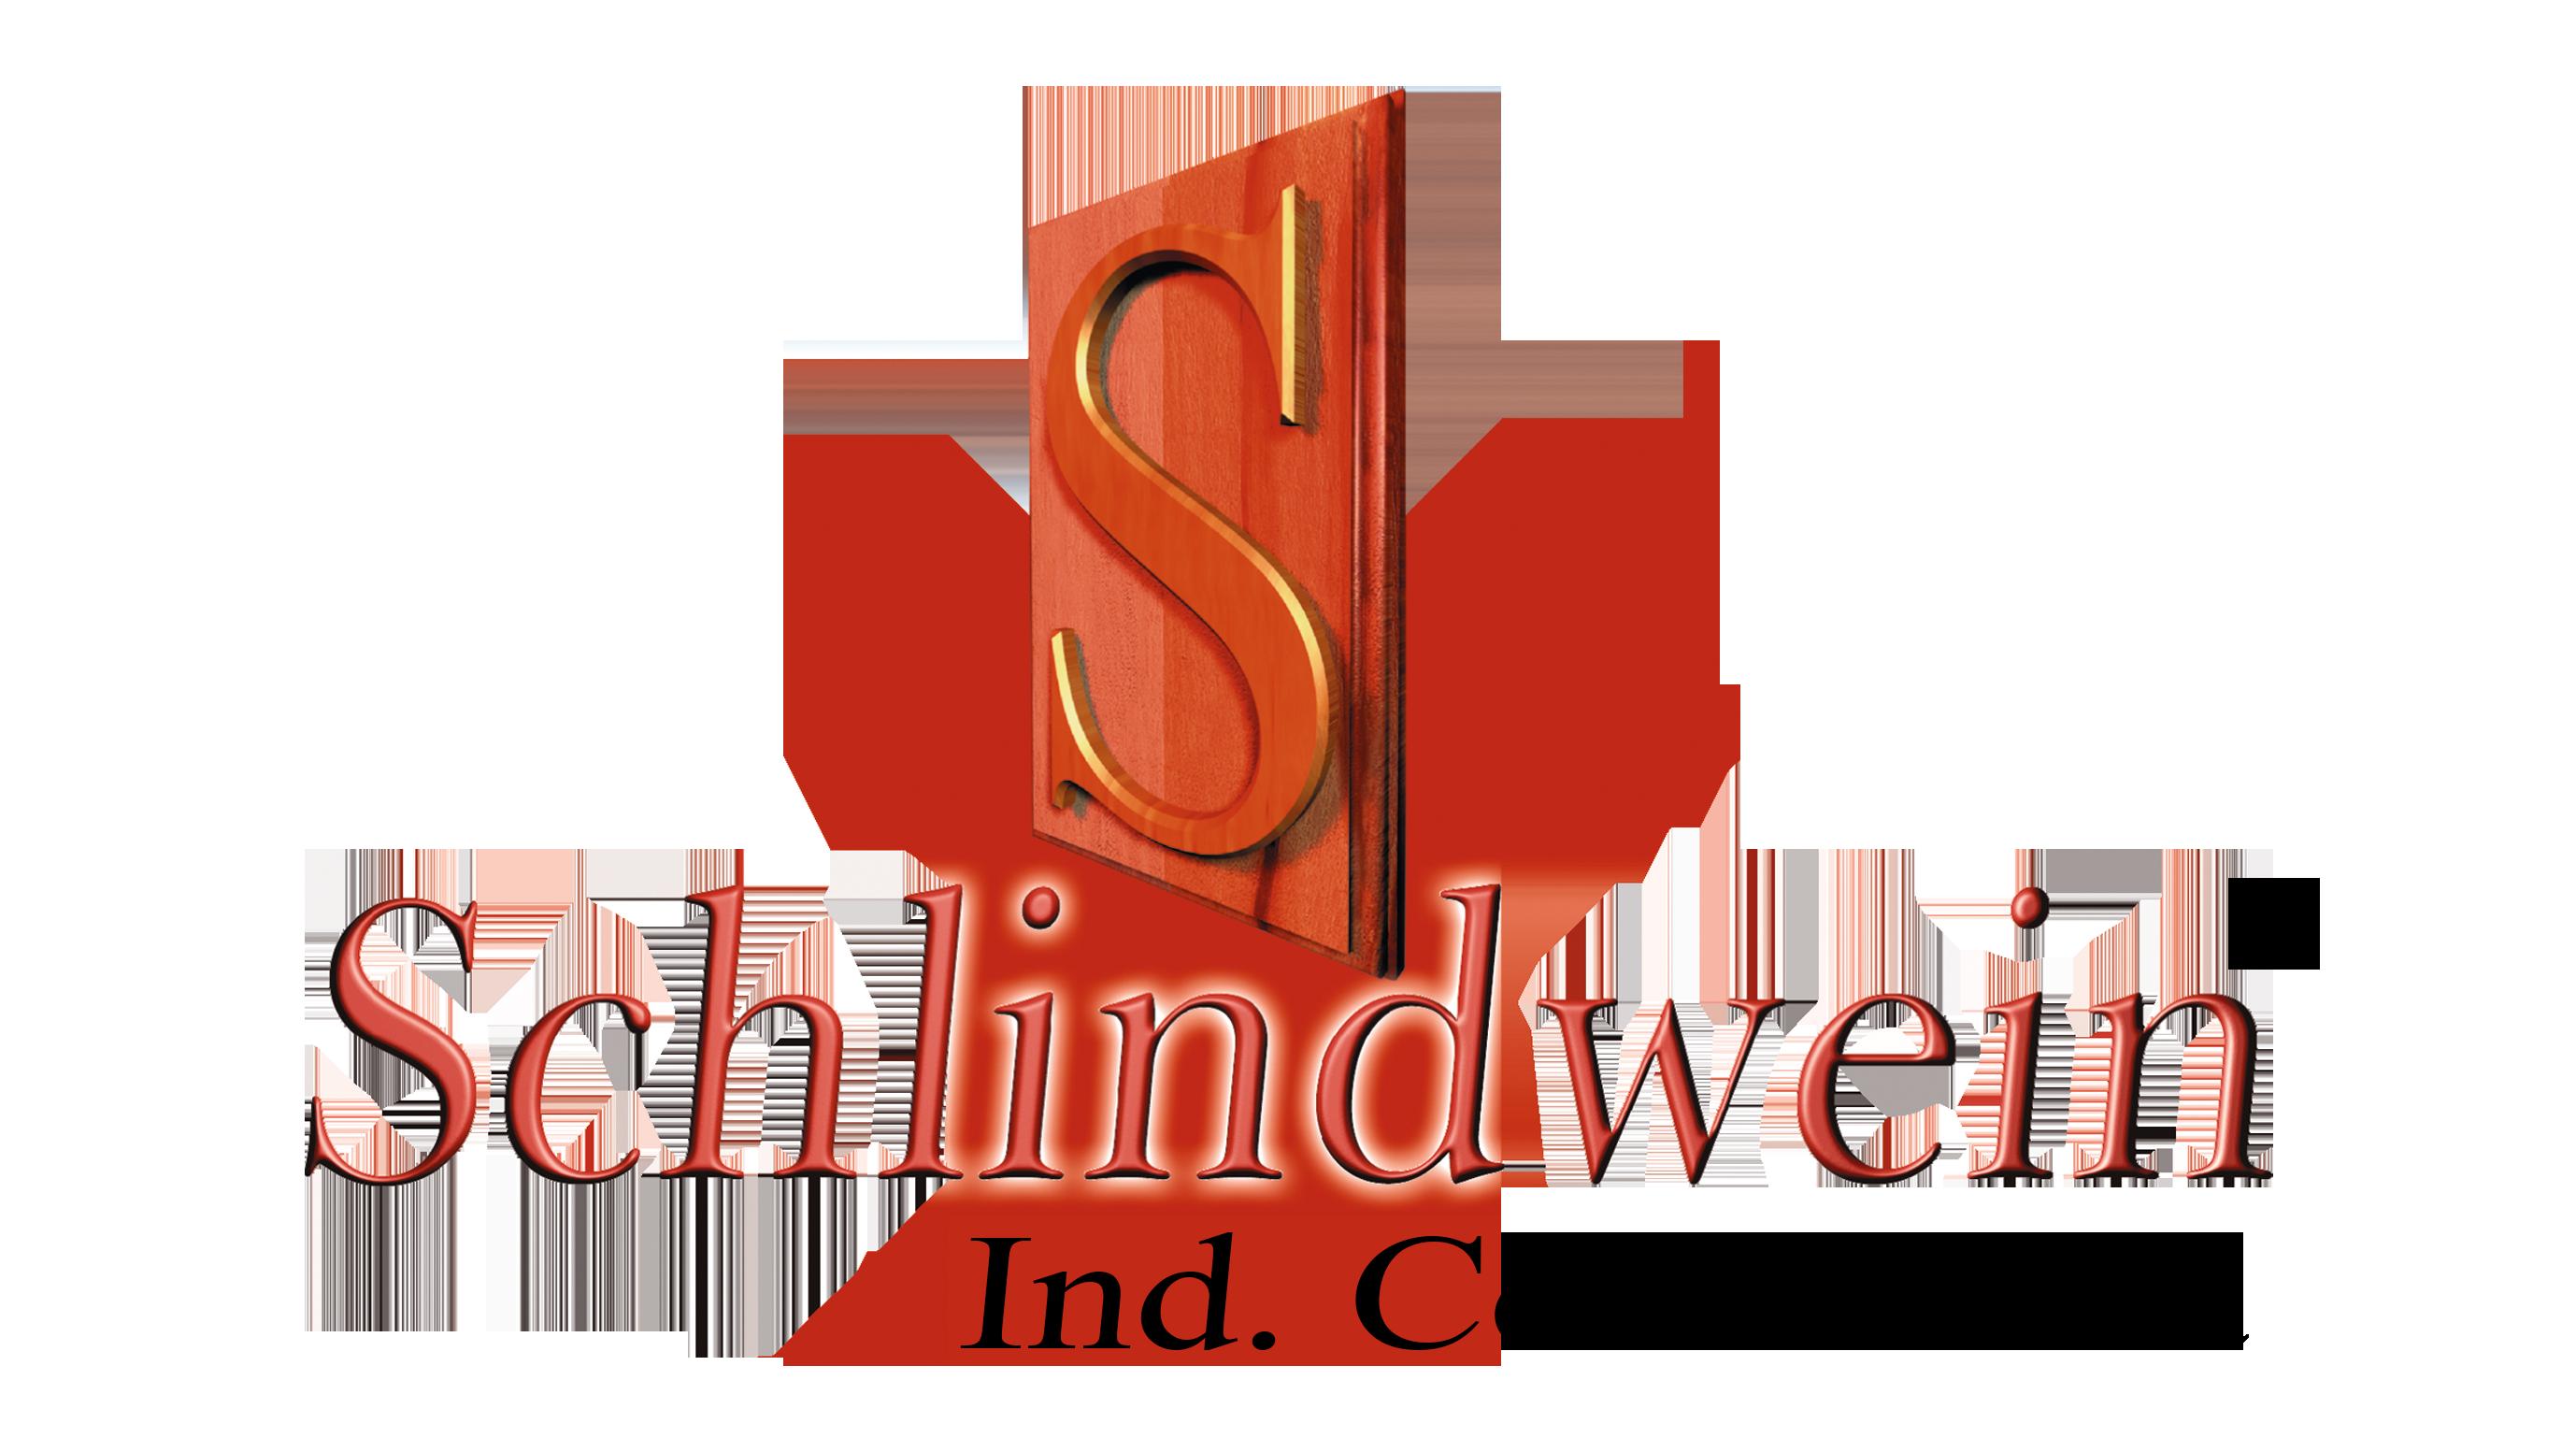 logo schlindwein